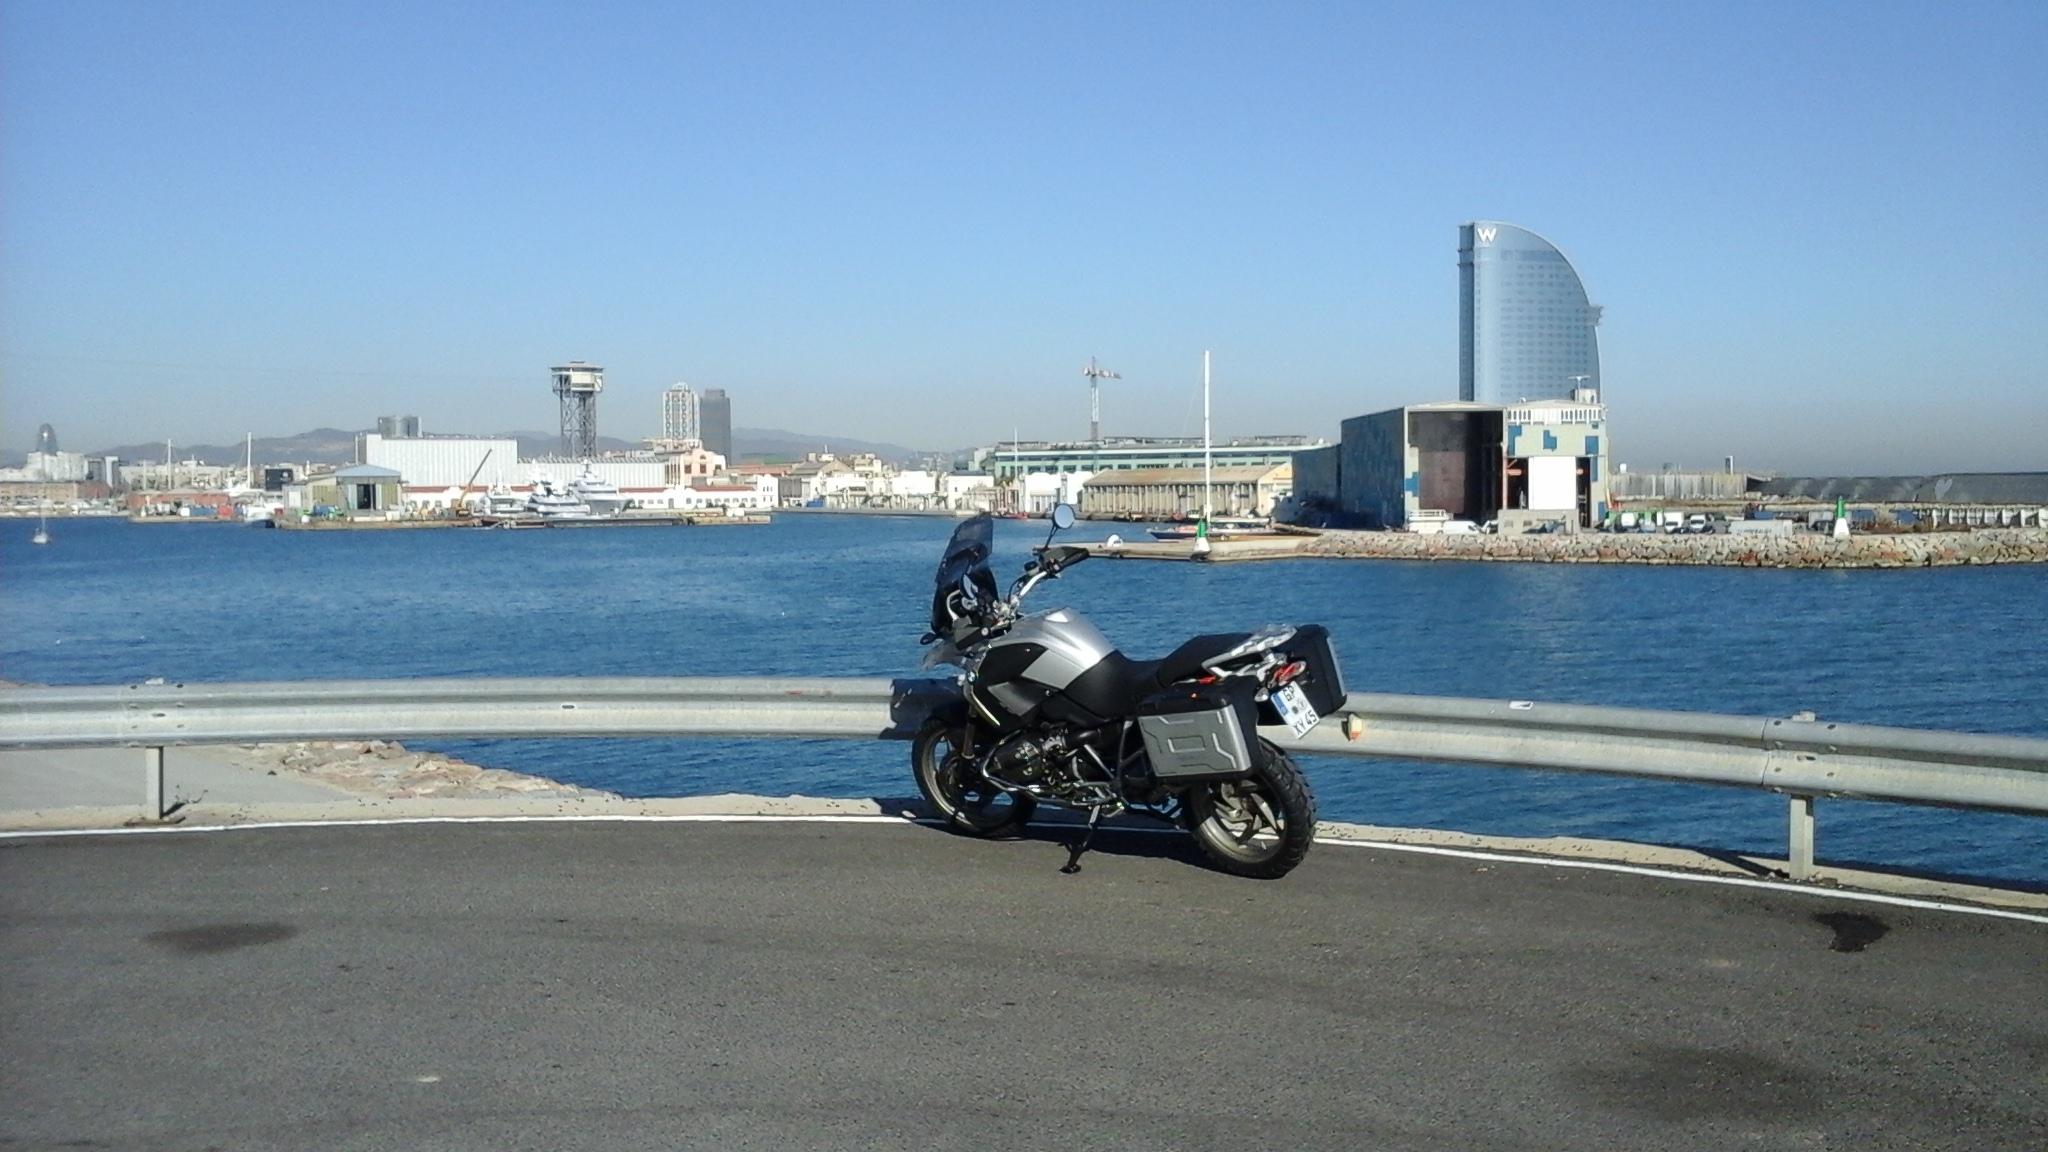 pier-von-barcelona.jpg